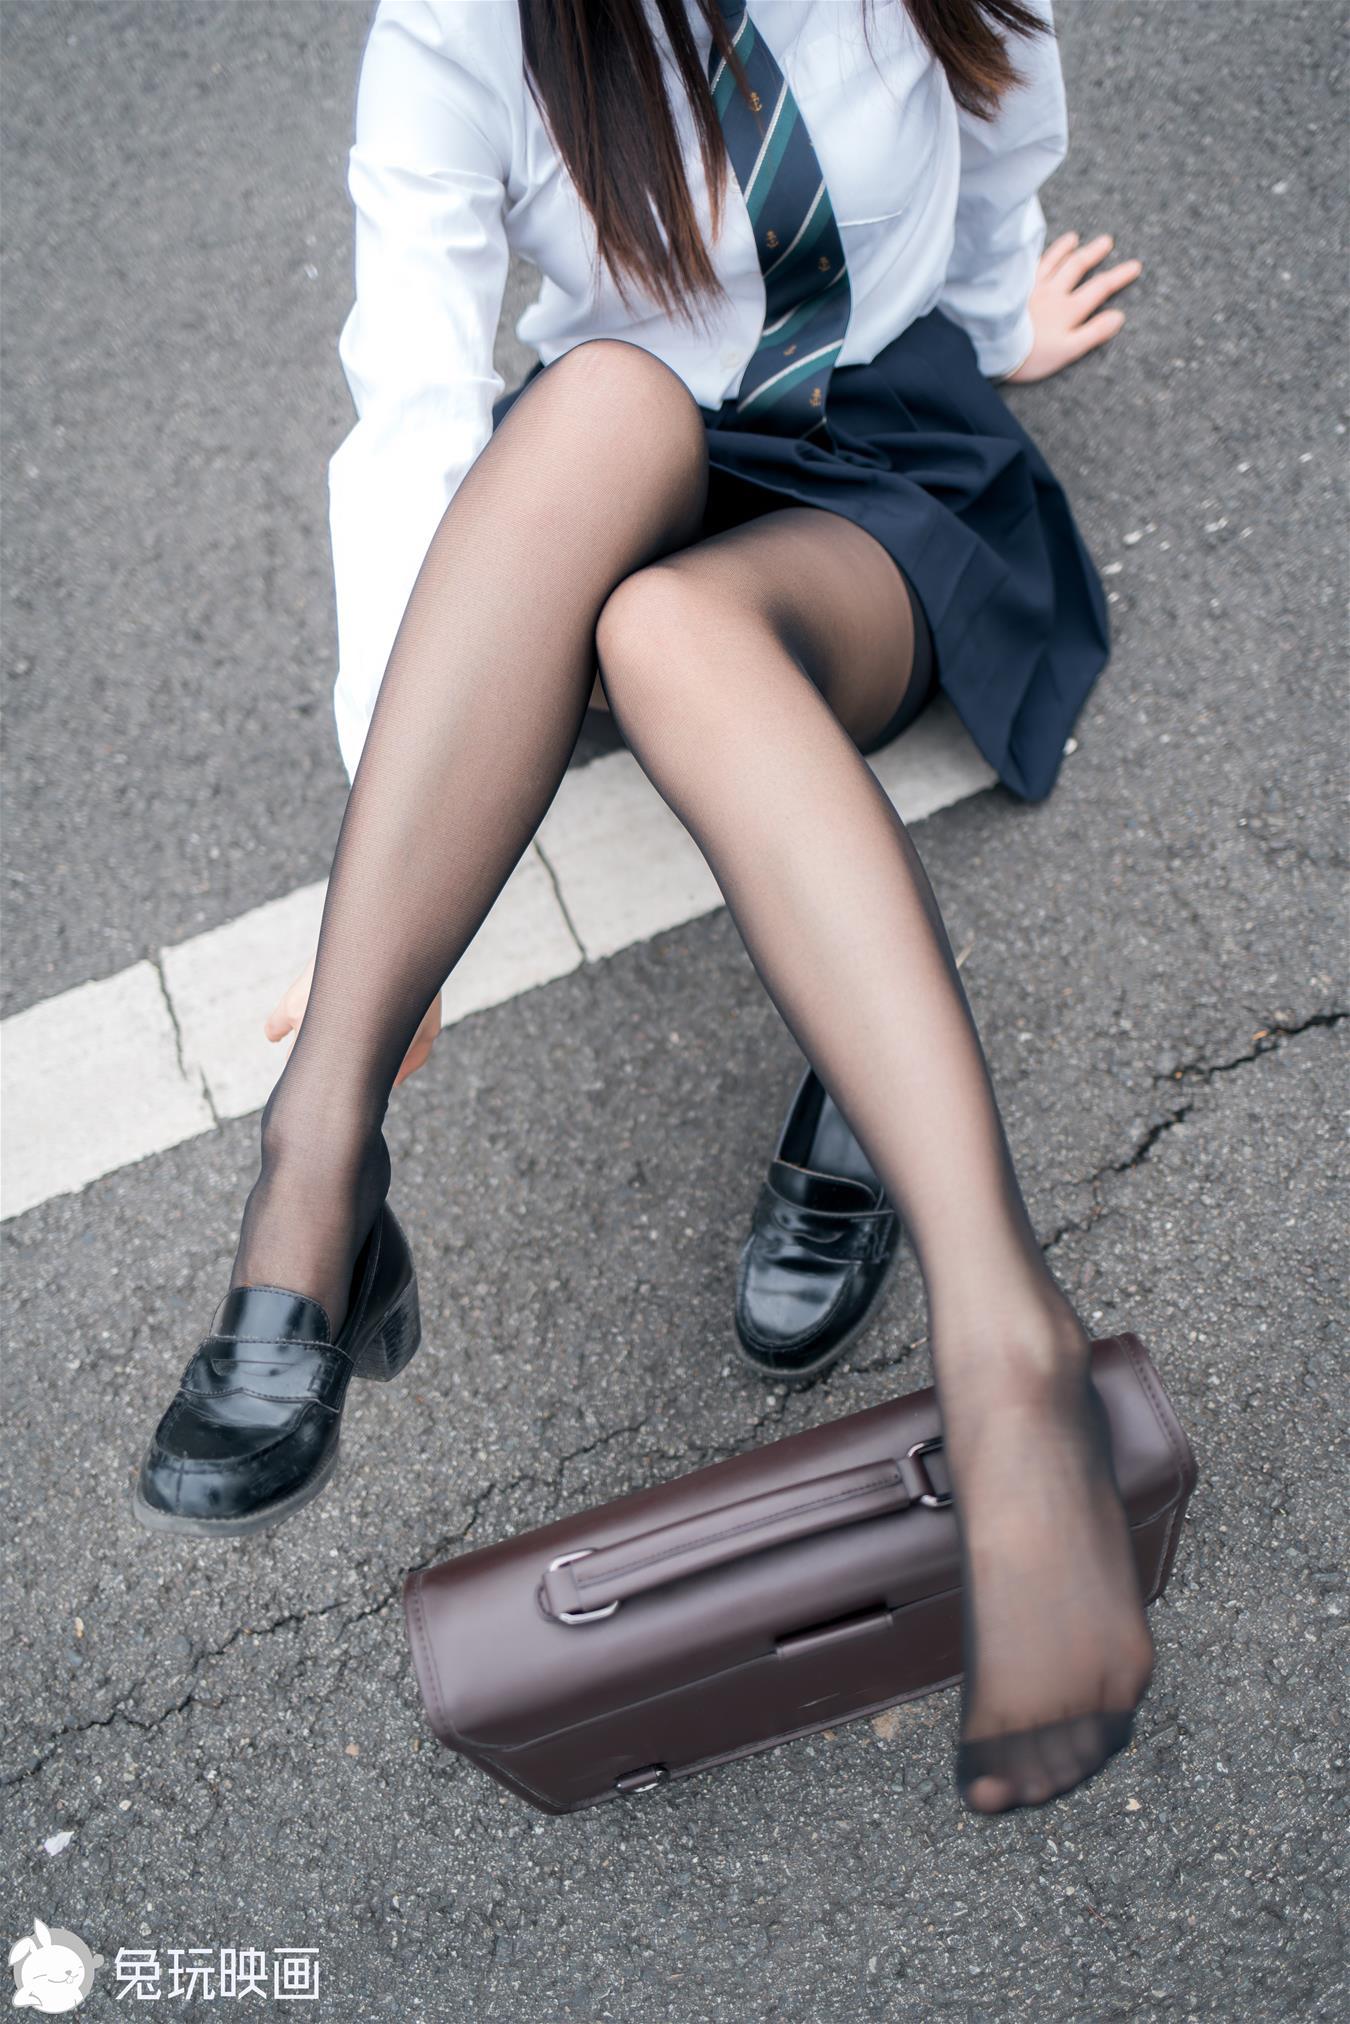 兔玩映画 黑丝制服少女 [37P-420MB] 兔玩映画-第2张